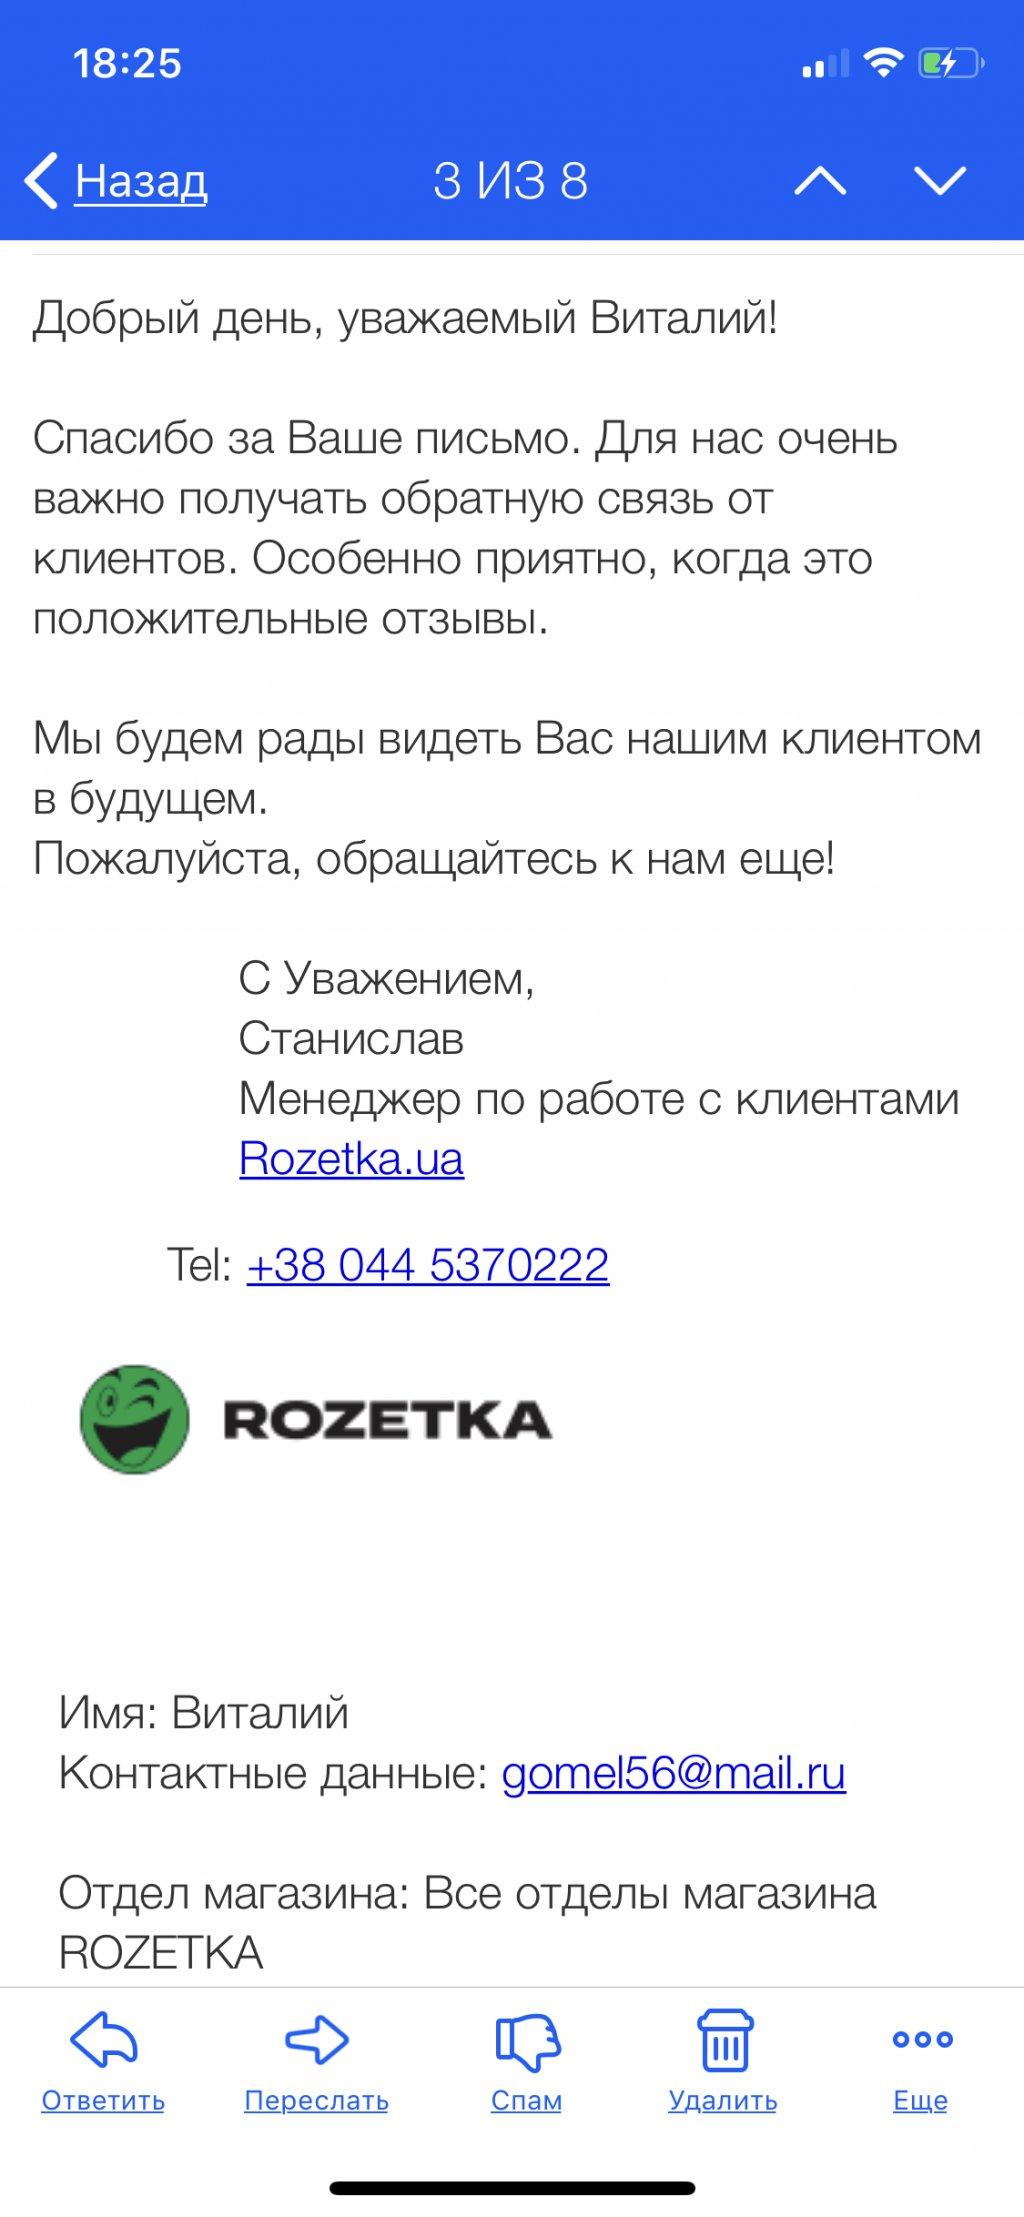 Розетка - интернет-магазин (rozetka.ua) - Вернули барсетку, но там не все деньги